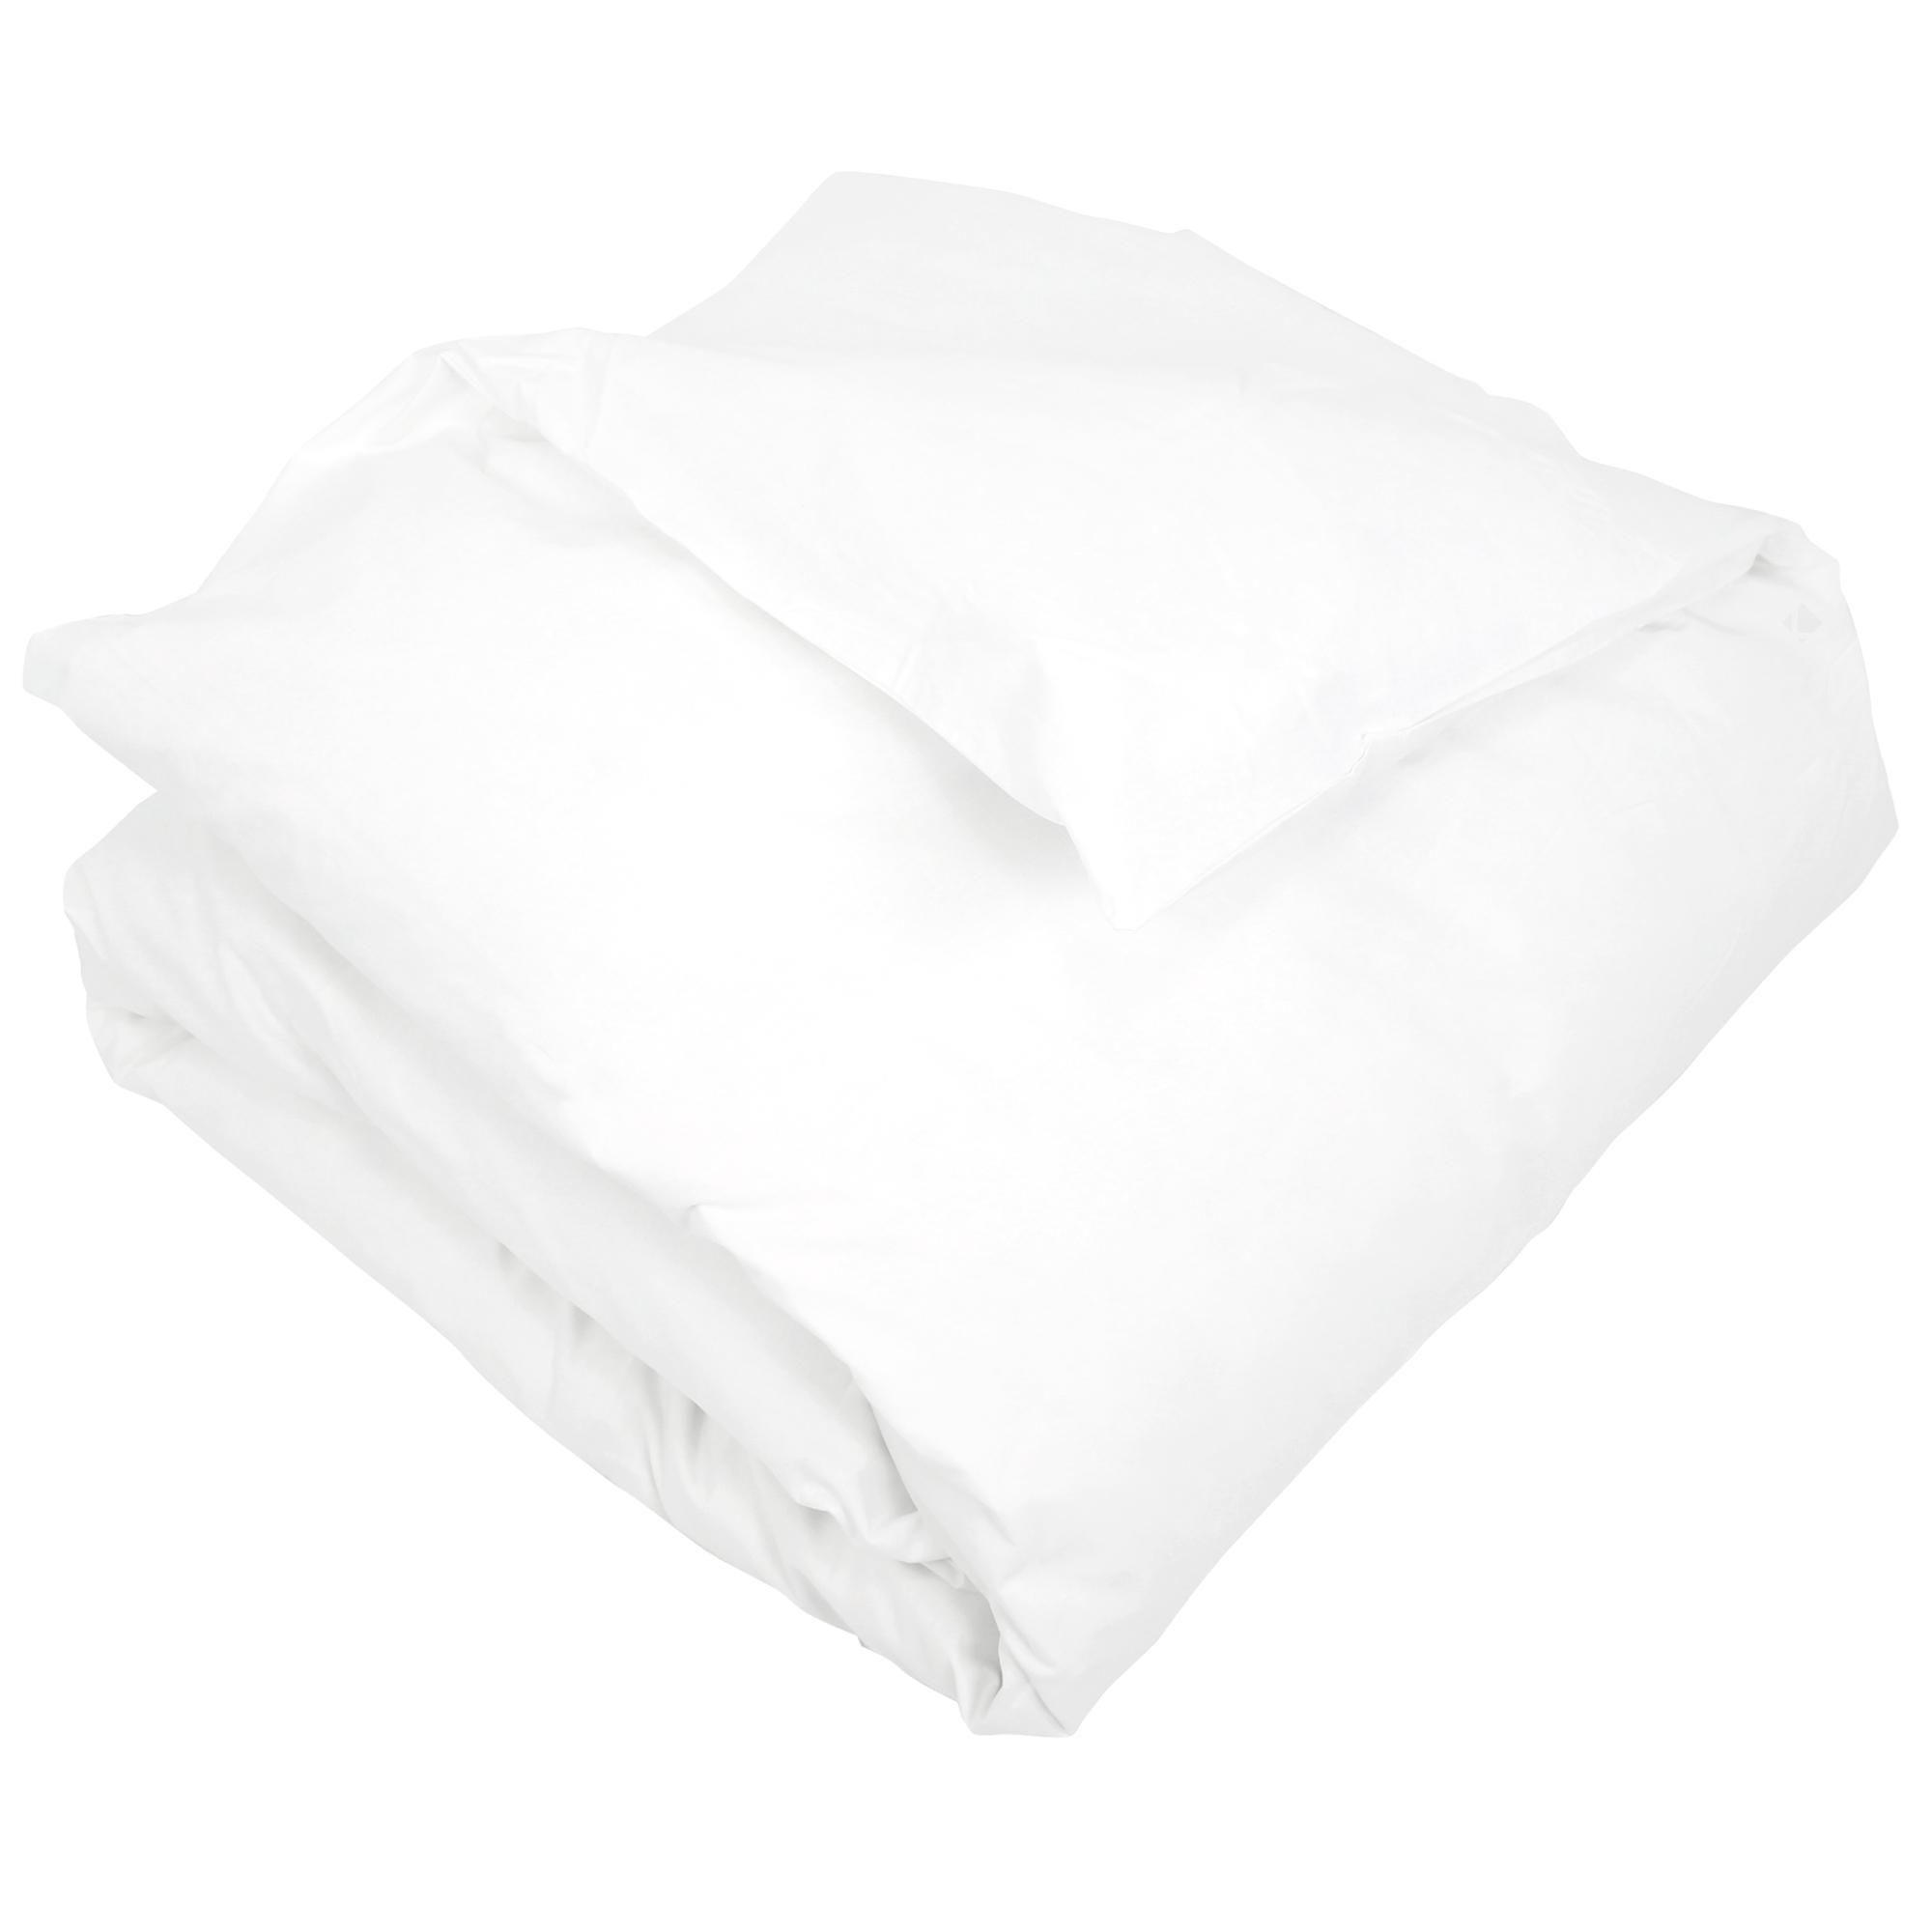 housse de couette coton percale 200x200 blanc achat. Black Bedroom Furniture Sets. Home Design Ideas